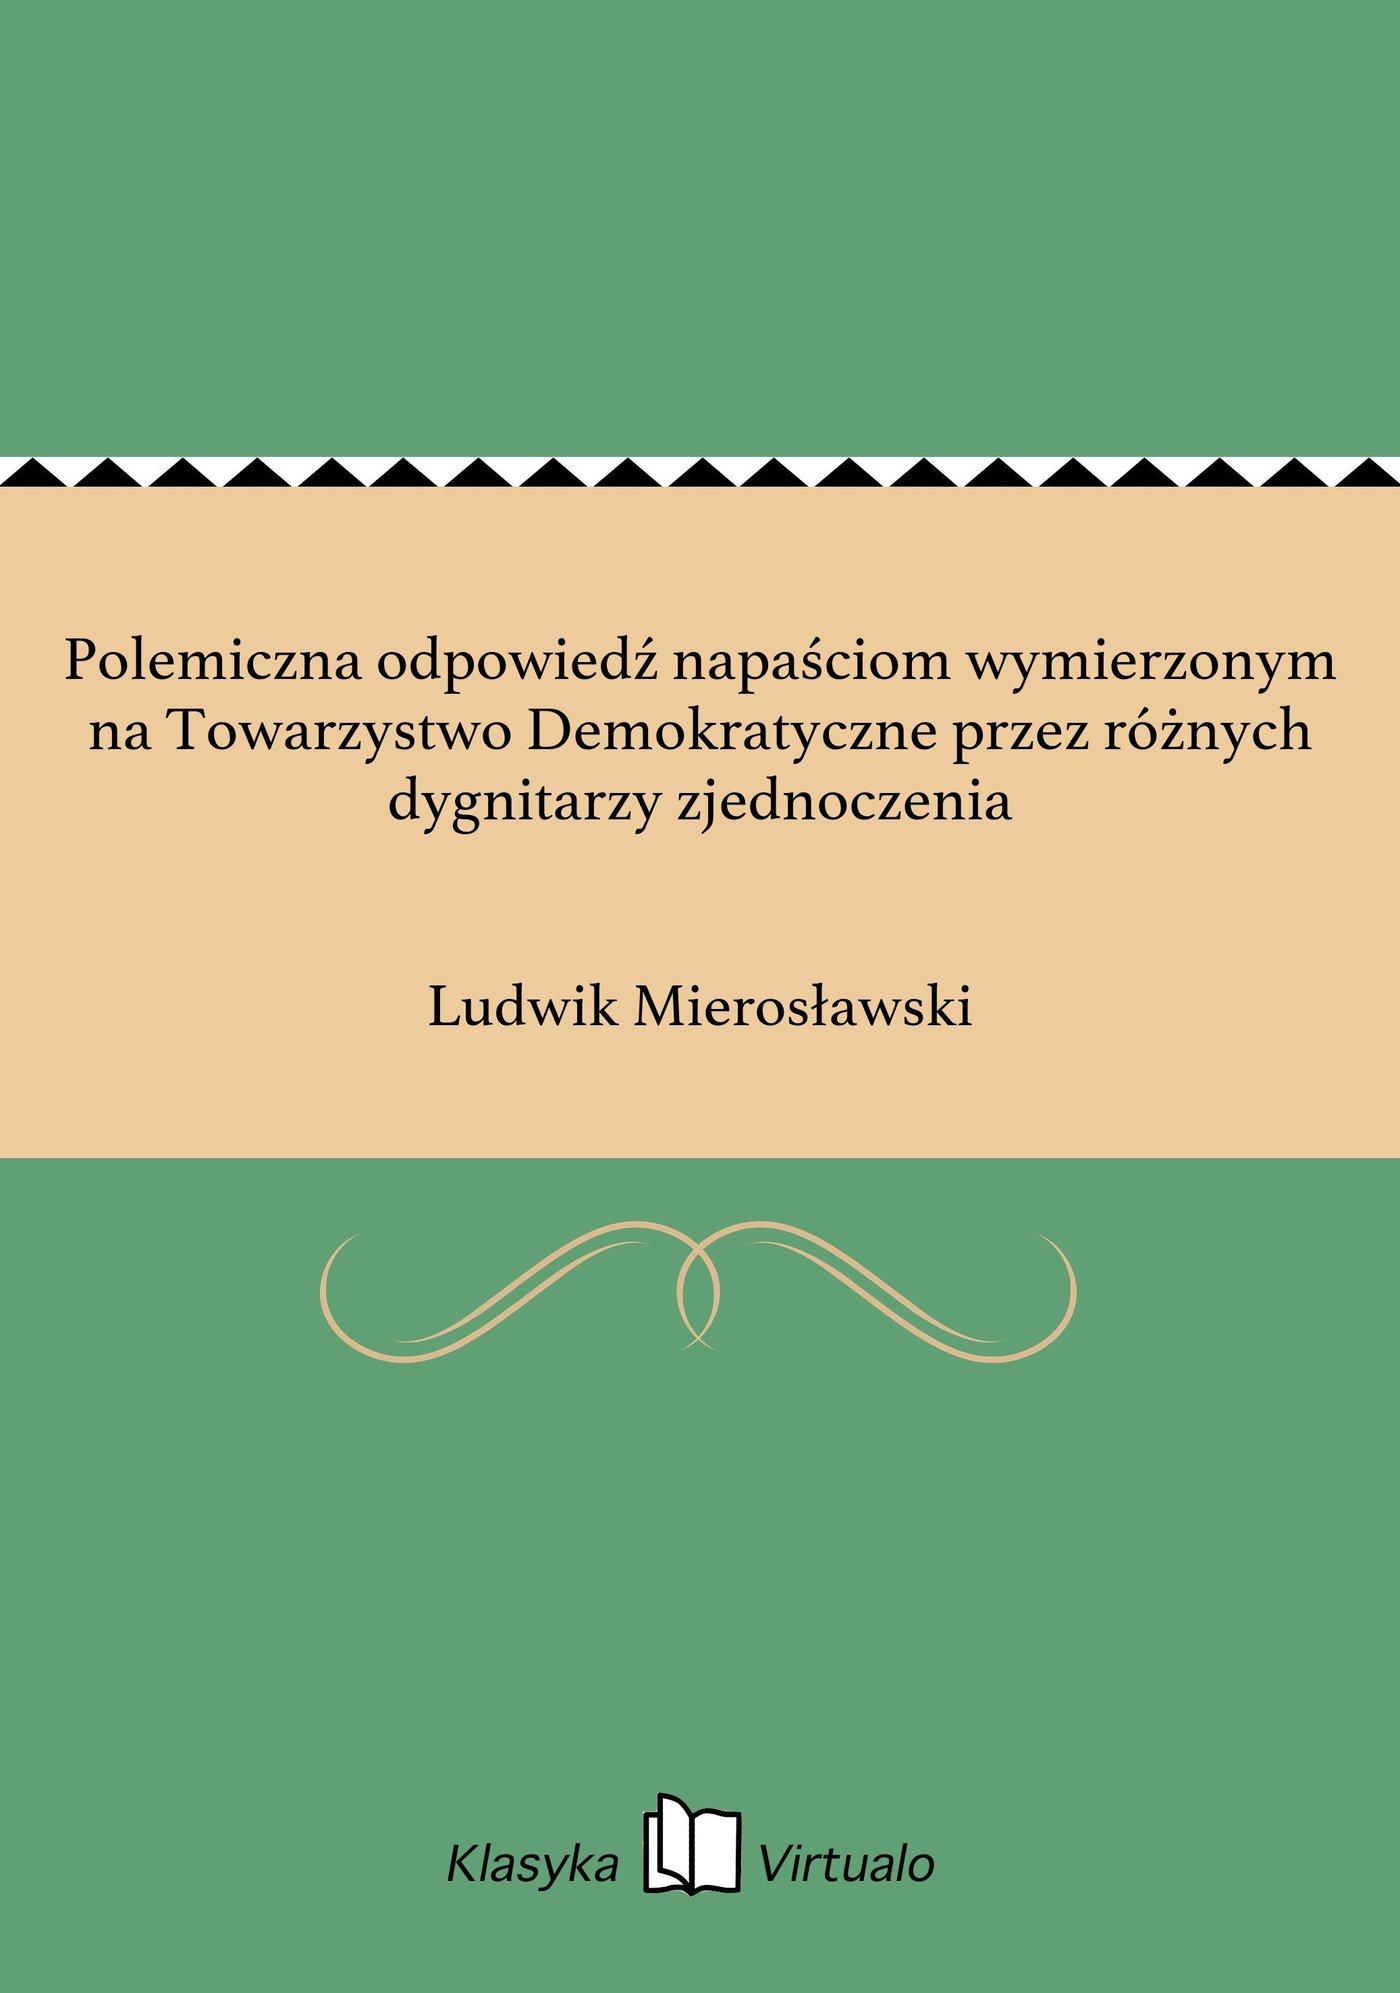 Polemiczna odpowiedź napaściom wymierzonym na Towarzystwo Demokratyczne przez różnych dygnitarzy zjednoczenia - Ebook (Książka na Kindle) do pobrania w formacie MOBI